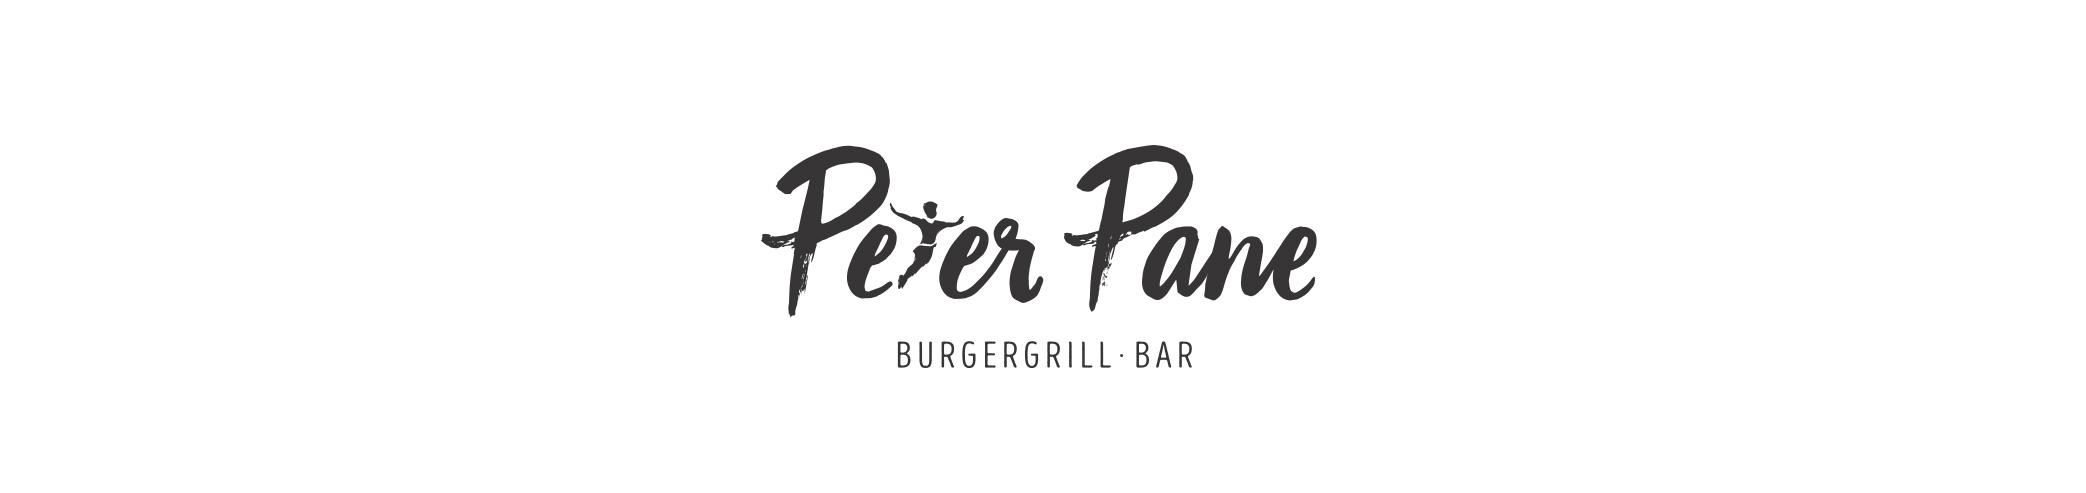 Logo und Schriftzug für Peter Pane Burgergrill und Bar